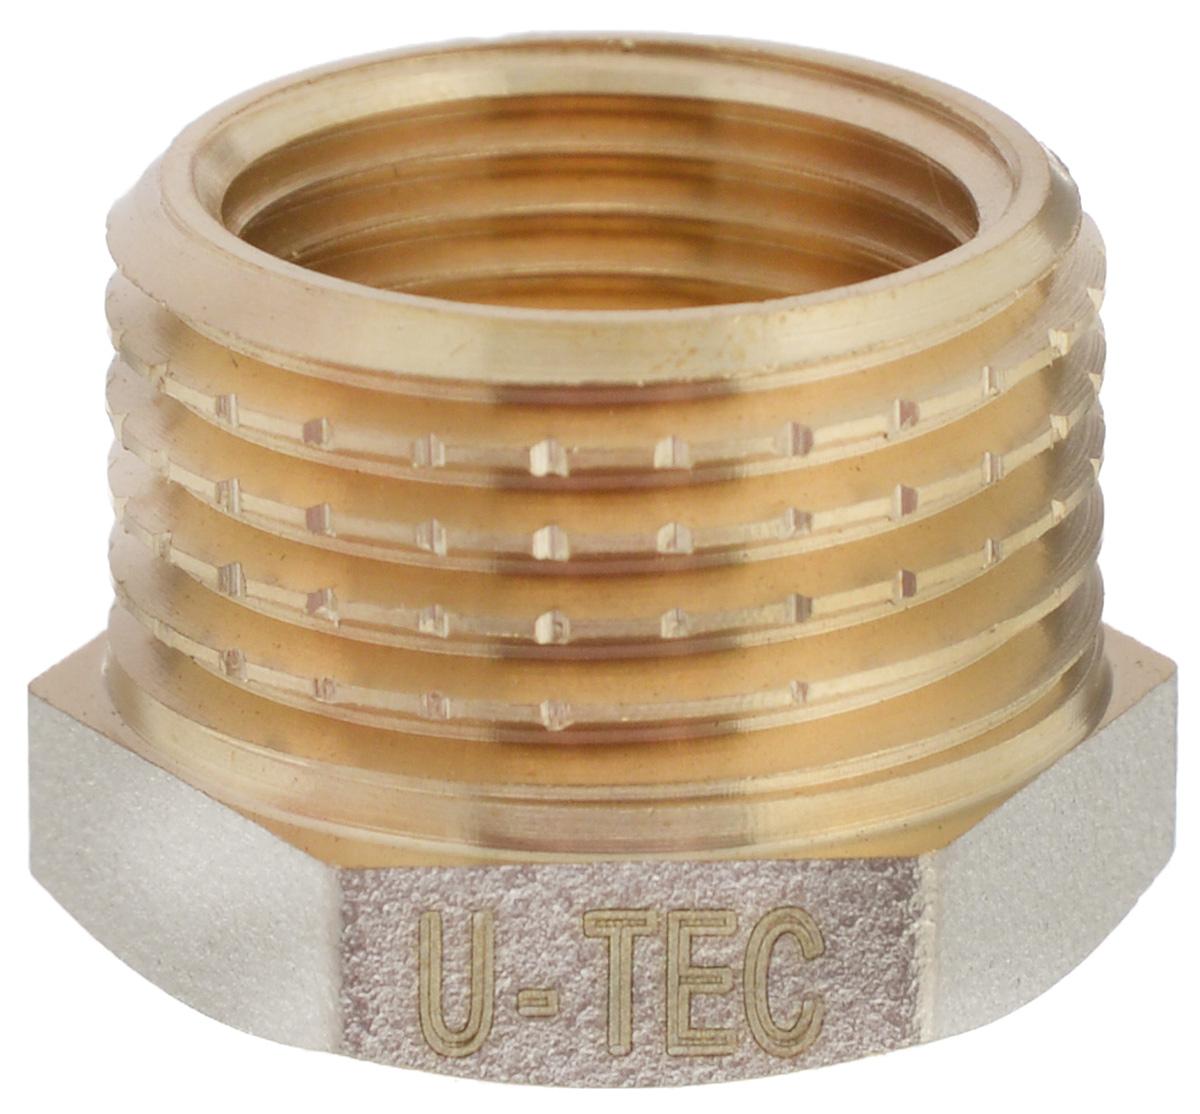 Футорка U-tec с фаской, 1/2 x 3/8RICCI RRH-2150-SФуторка с фаской U-tec используется совместно с трубопроводом в качестве соединительного элемента. Главная особенность конструкции футорки - это наличие как внешней, так и внутренней резьбы, что позволяет соединить между собой отрезки труб различные по резьбе. С помощью футорки осуществляется переход с внутренней на наружную резьбу, большую по диаметру. Футорка выполнена из латуни, за счет чего не подвергается коррозии и любым механическим и химическим воздействиям. Приспособление просто незаменимо в случае создания водопроводной или газовой магистрали.Резьба: 1/2 x 3/8.